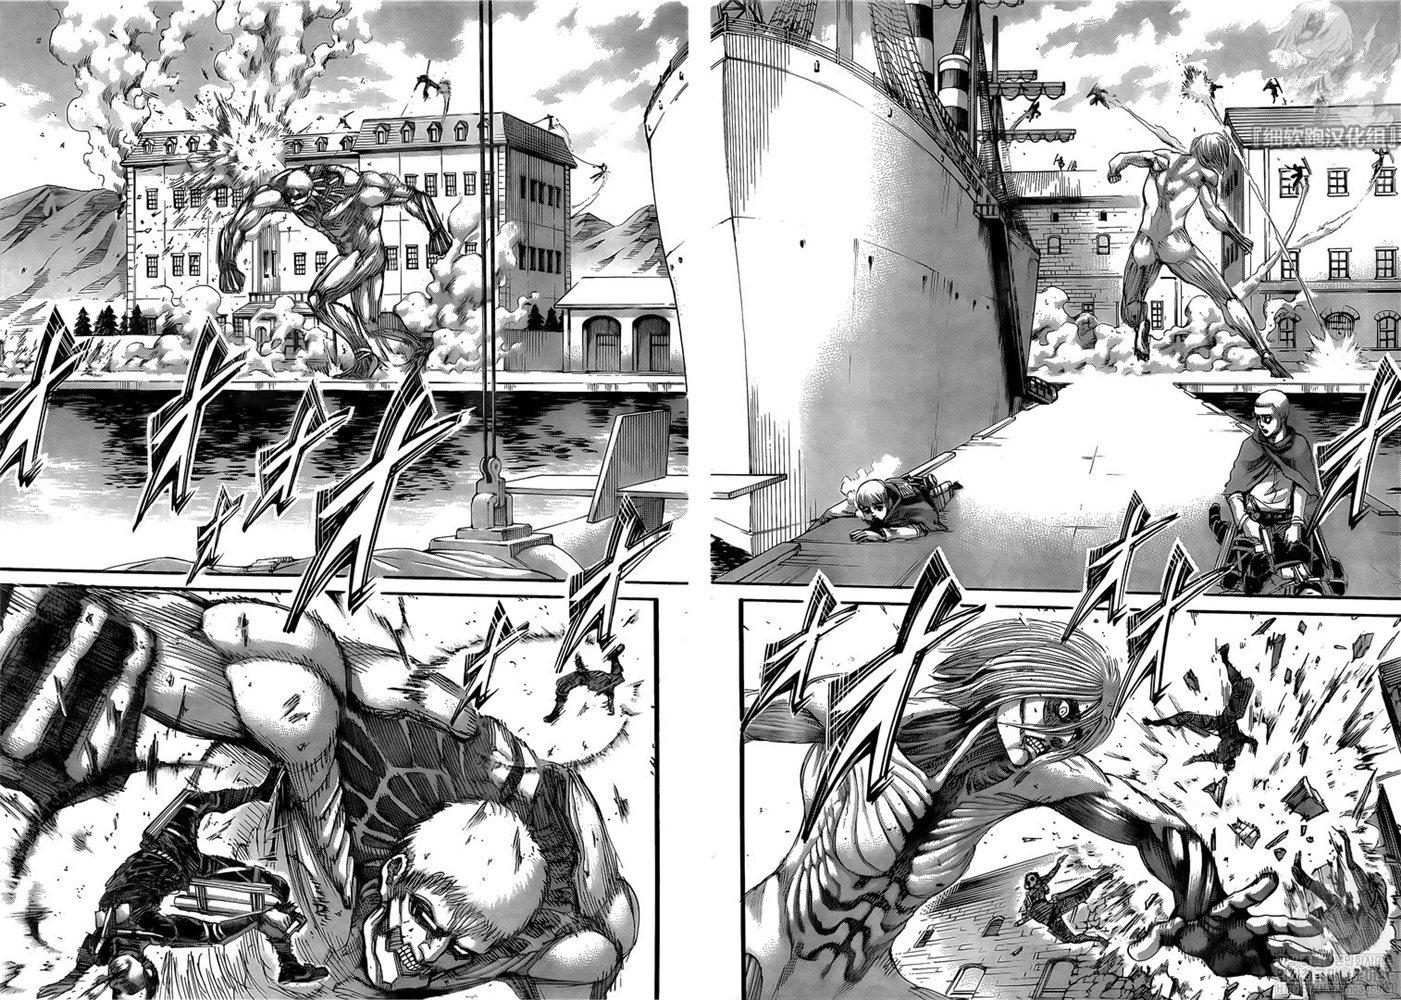 進擊的巨人: 129话 望乡 - 第2页